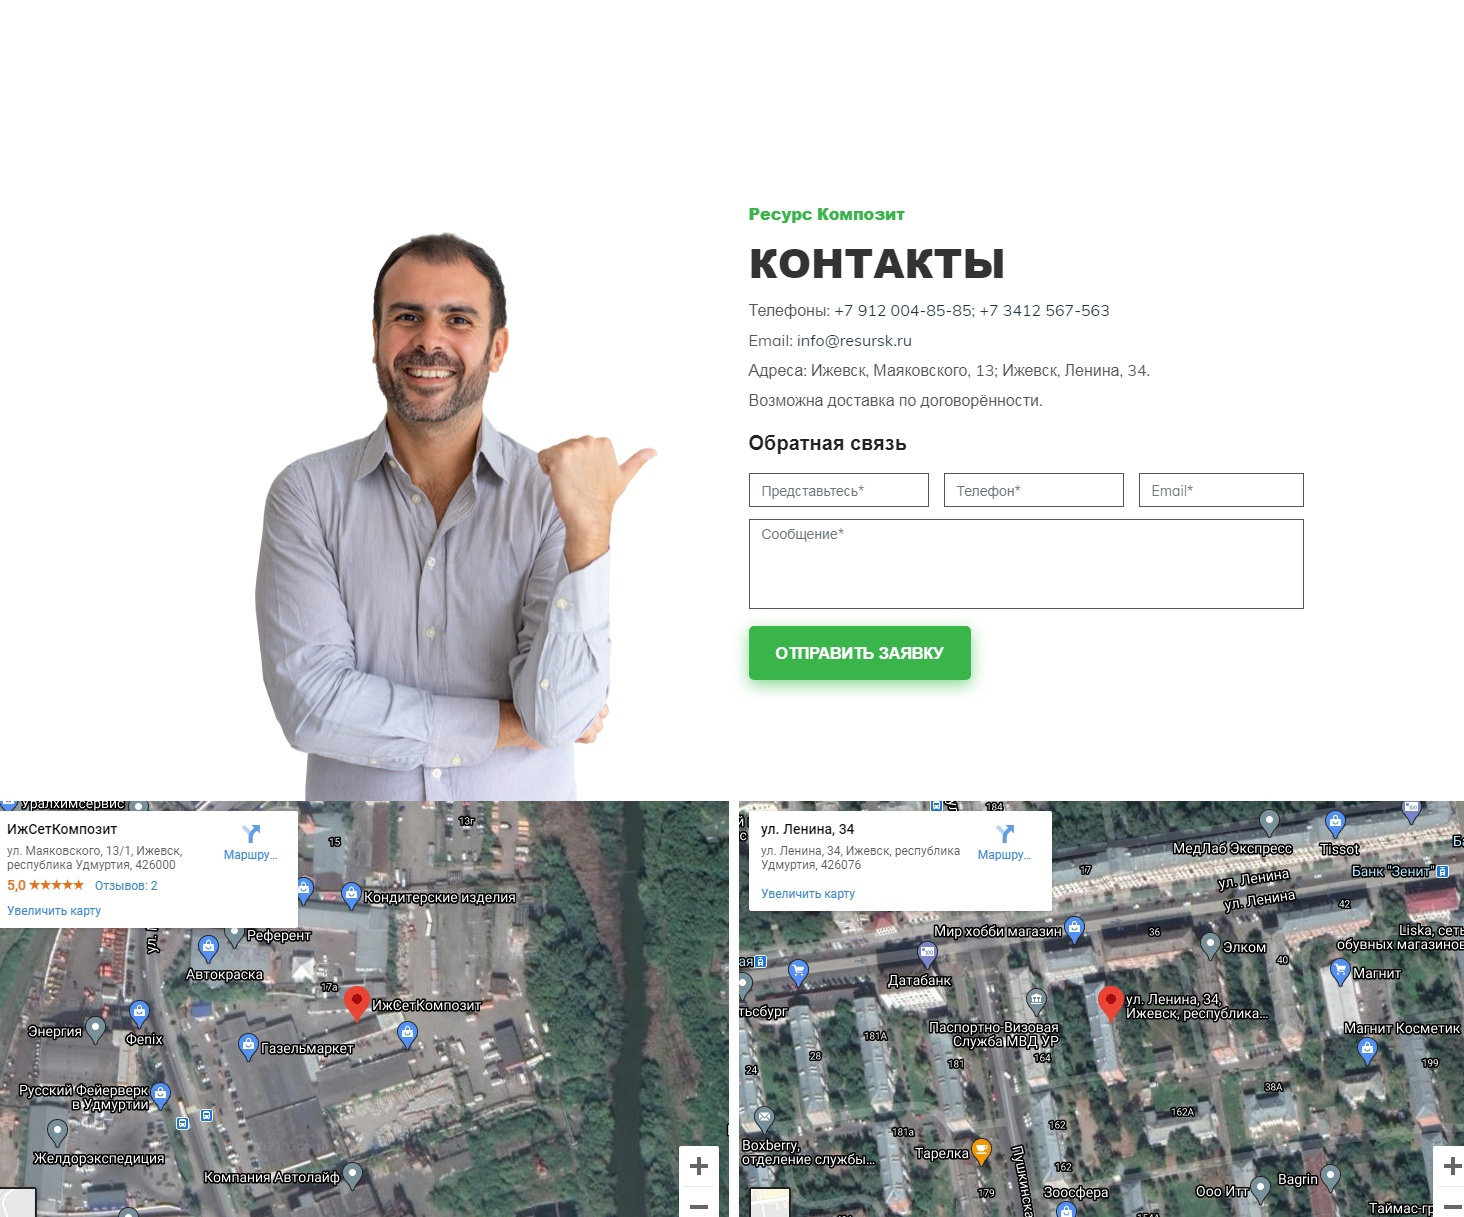 РесурсКомпозит